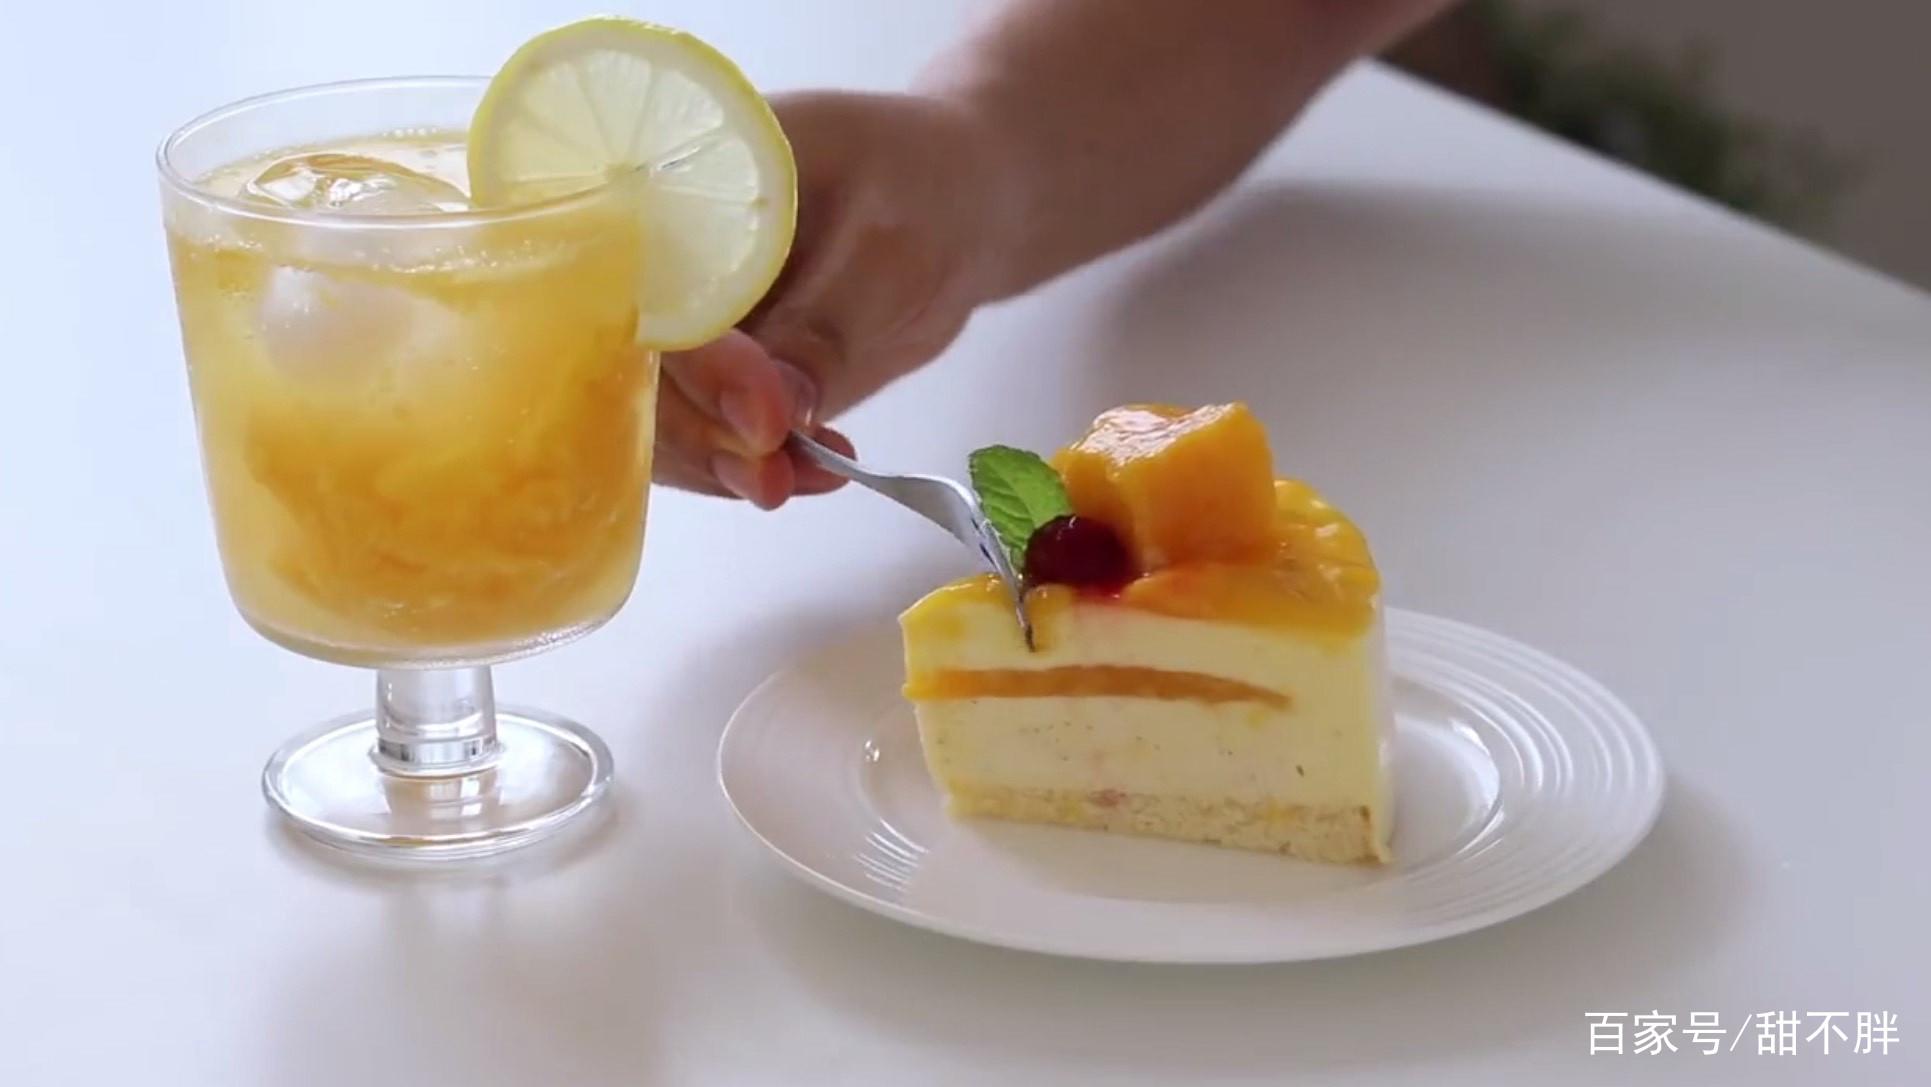 免烤芒果慕斯蛋糕,不需要烤箱就能做,容易上手,好吃不贵